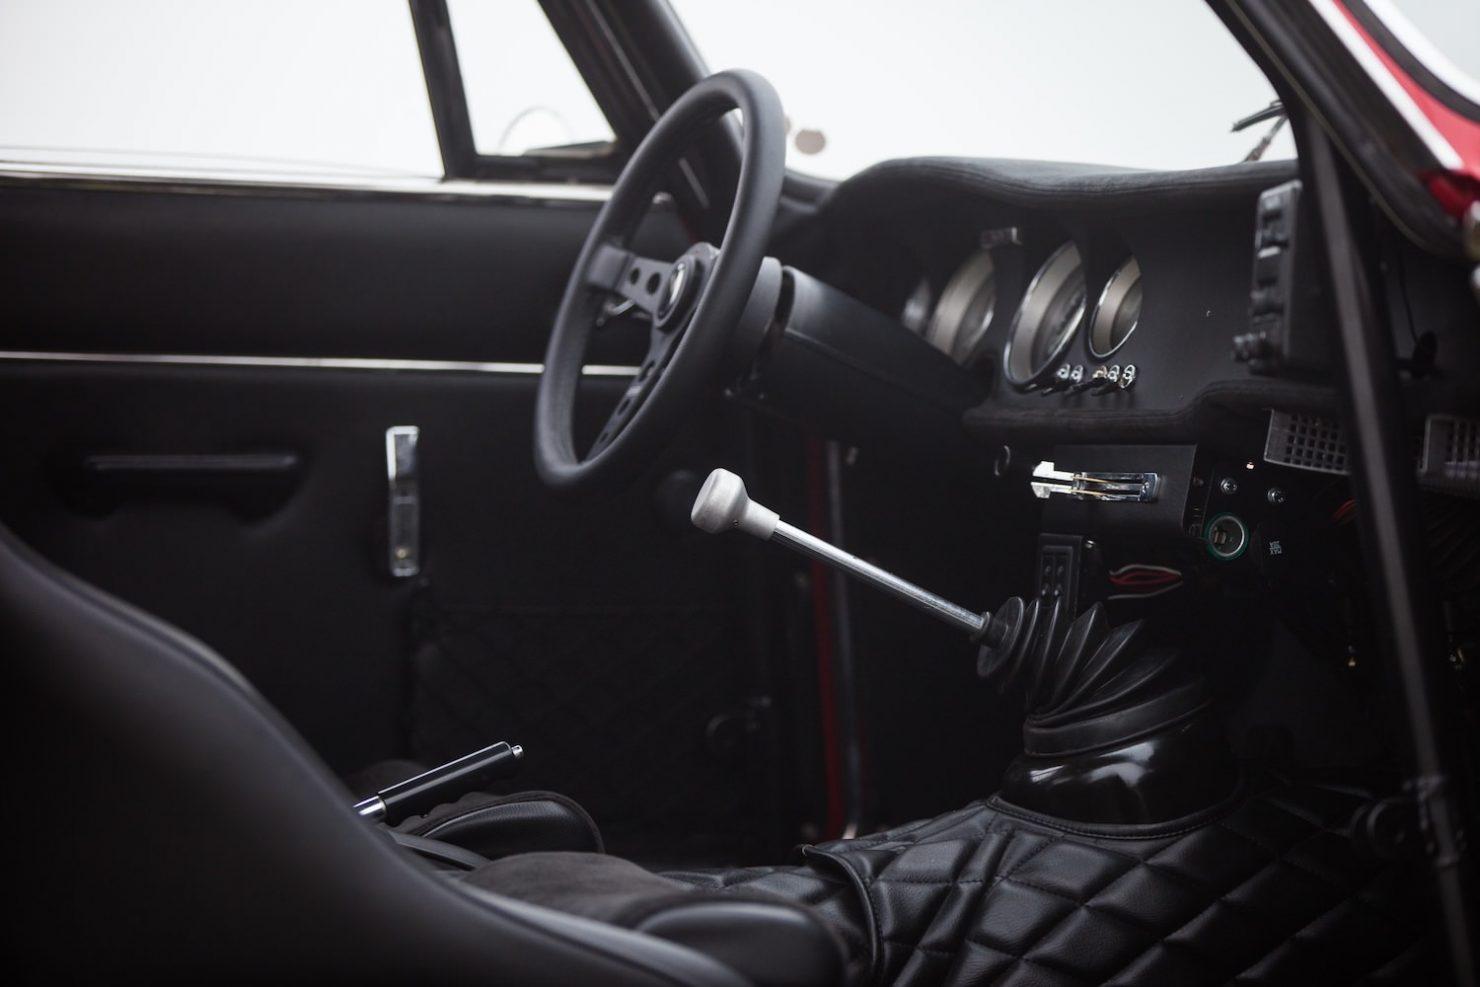 alfa romeo sprint gt veloce 13 1480x987 - 1967 Alfa Romeo Sprint GT Veloce